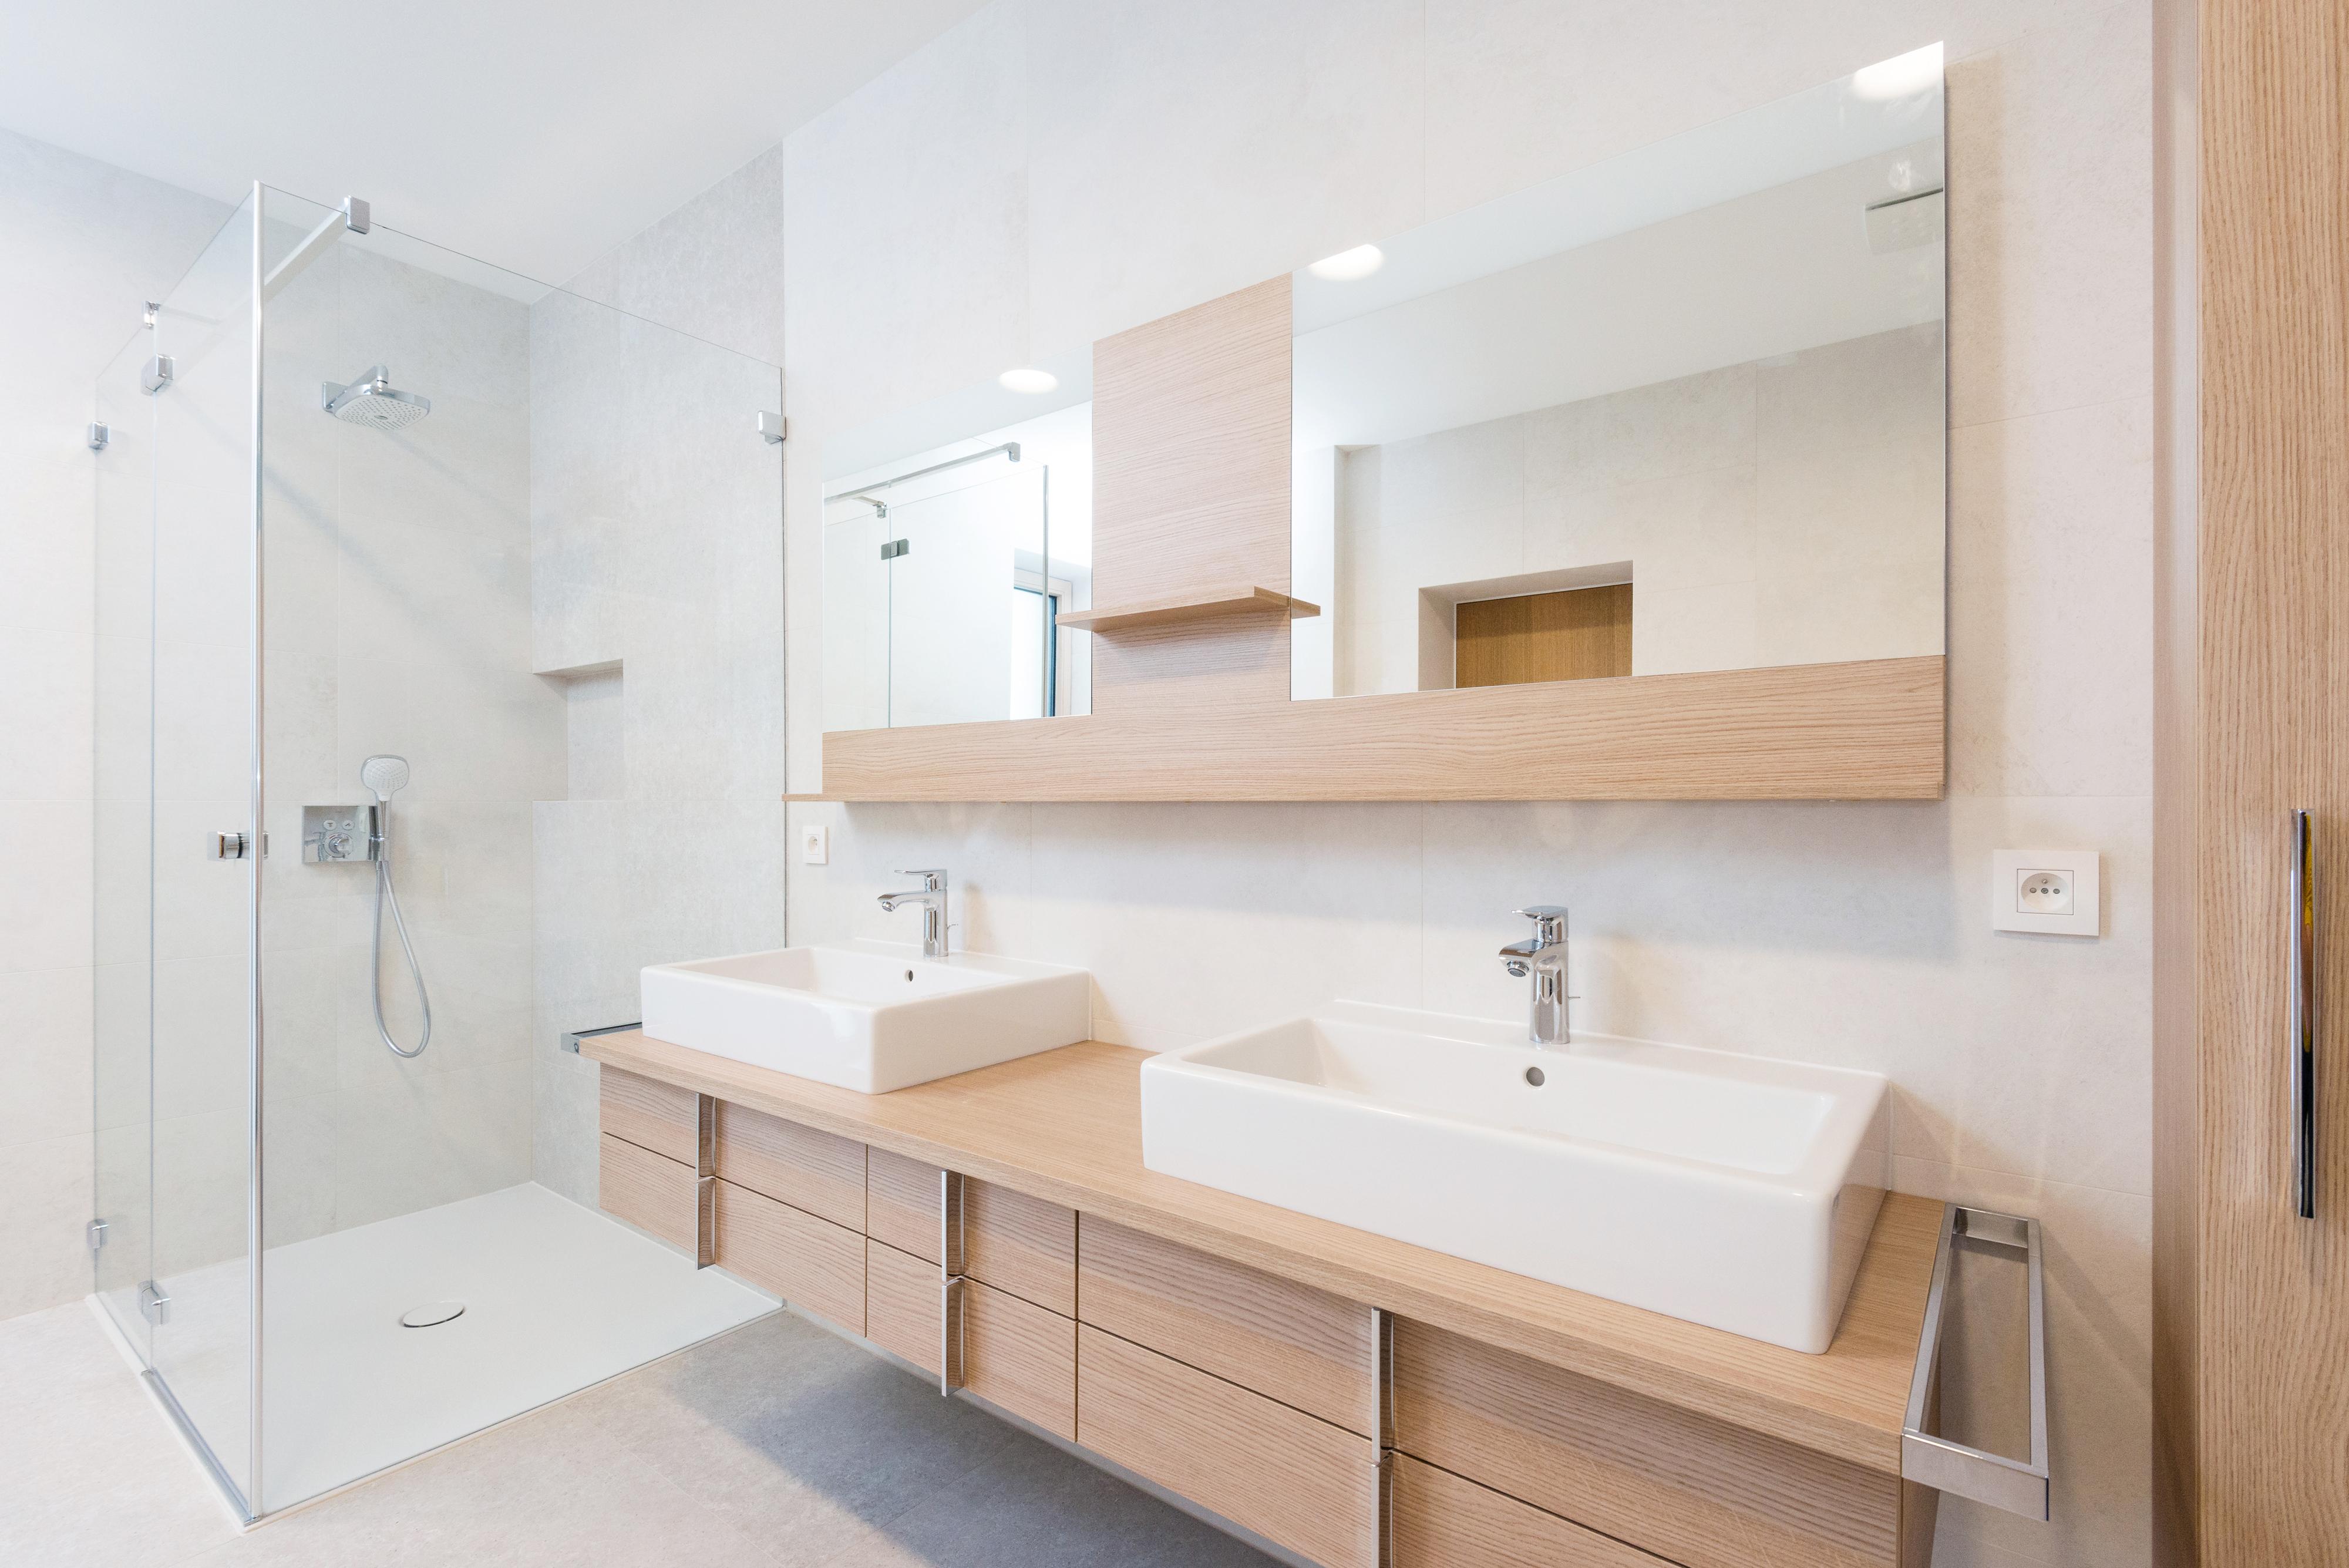 Badsanierung in Mietwohnungen: 18 Fakten für Mieter - Gesund Wohnen